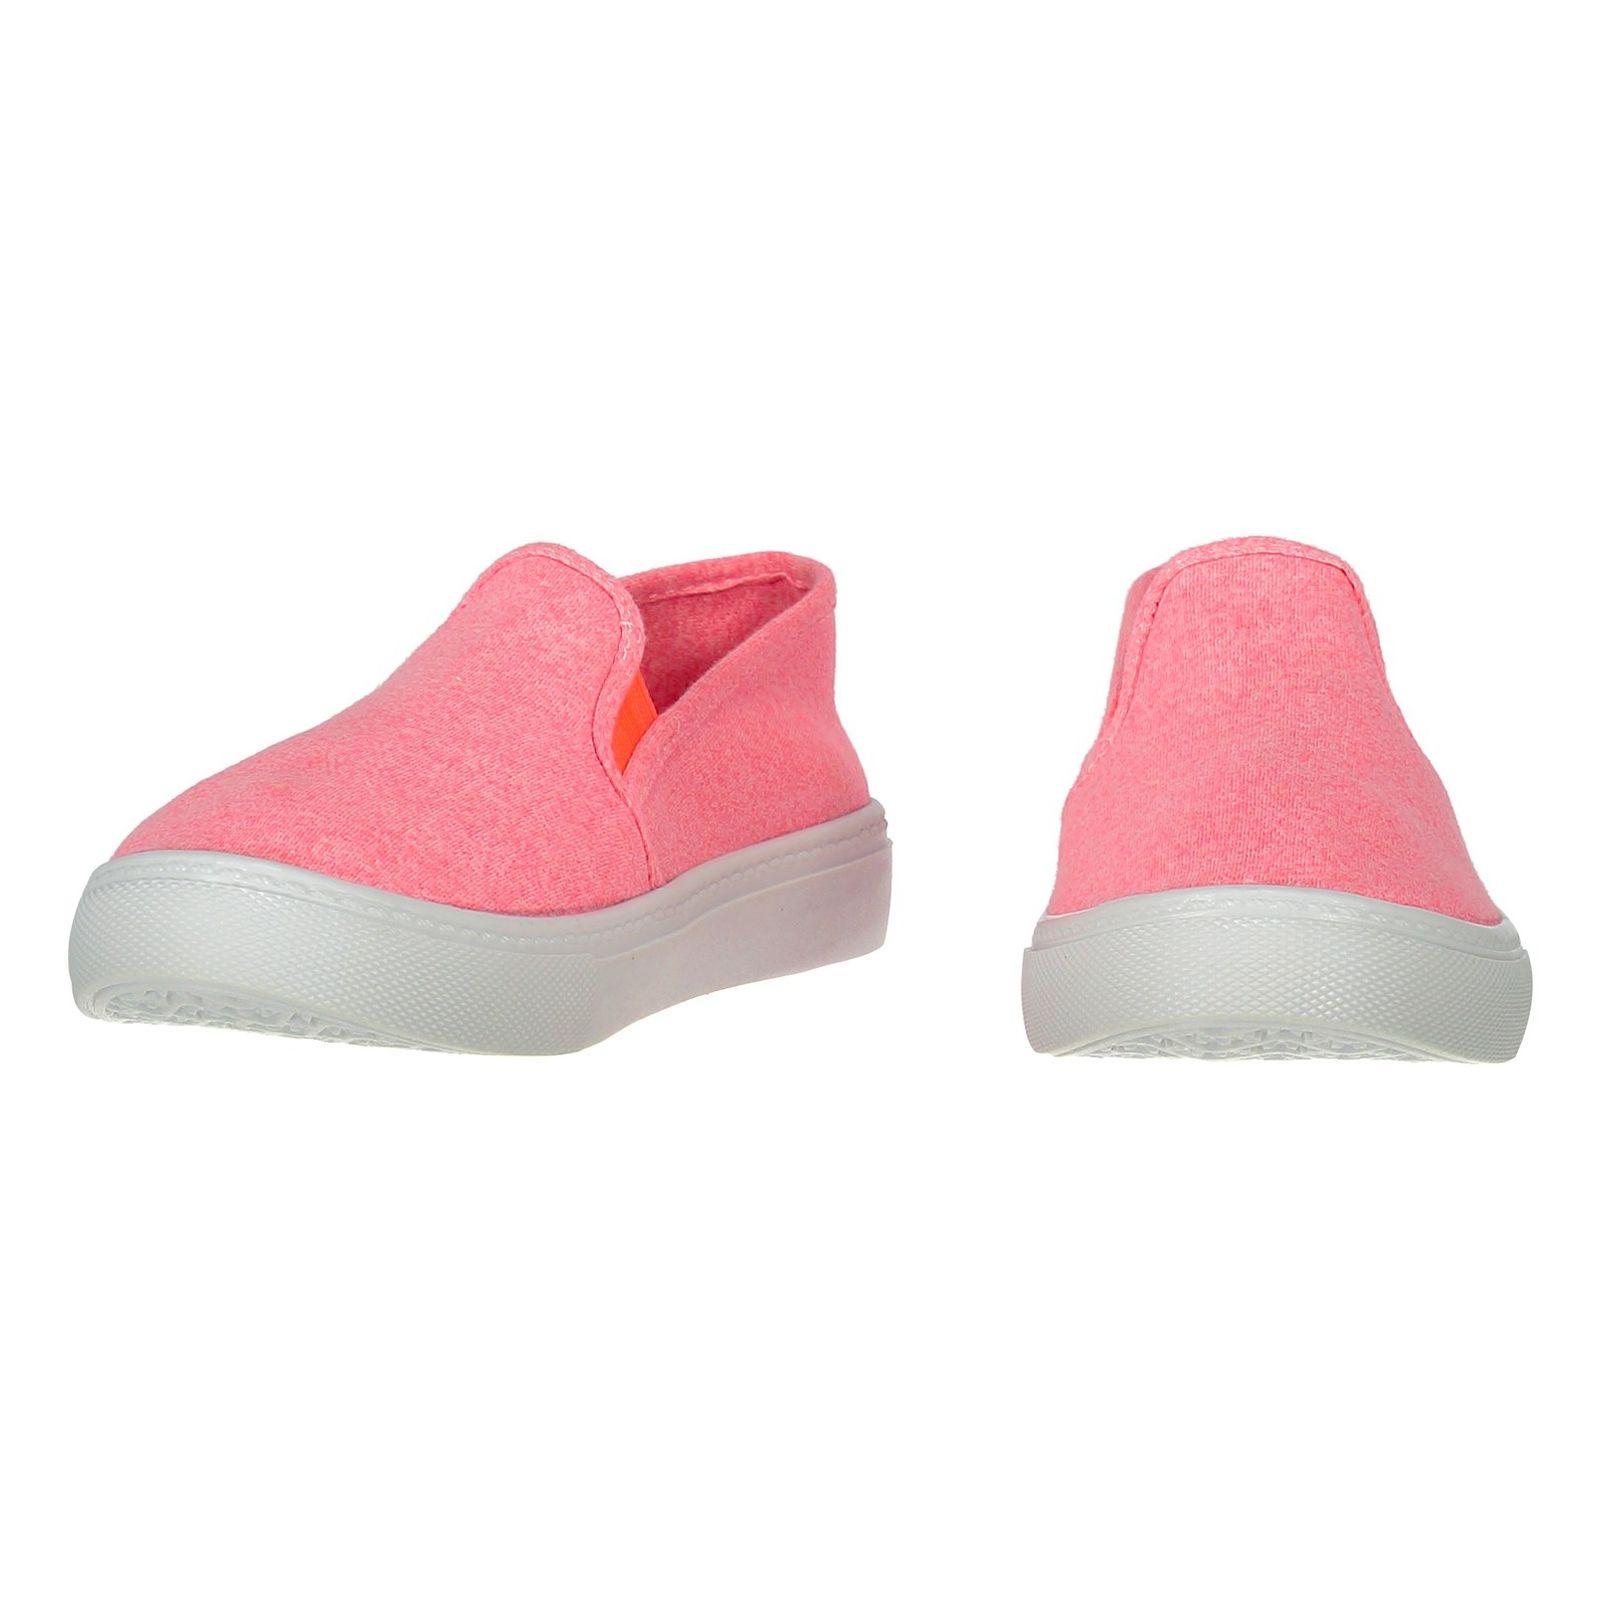 کفش تخت پارچه ای زنانه - ال سی وایکیکی - صورتي - 4